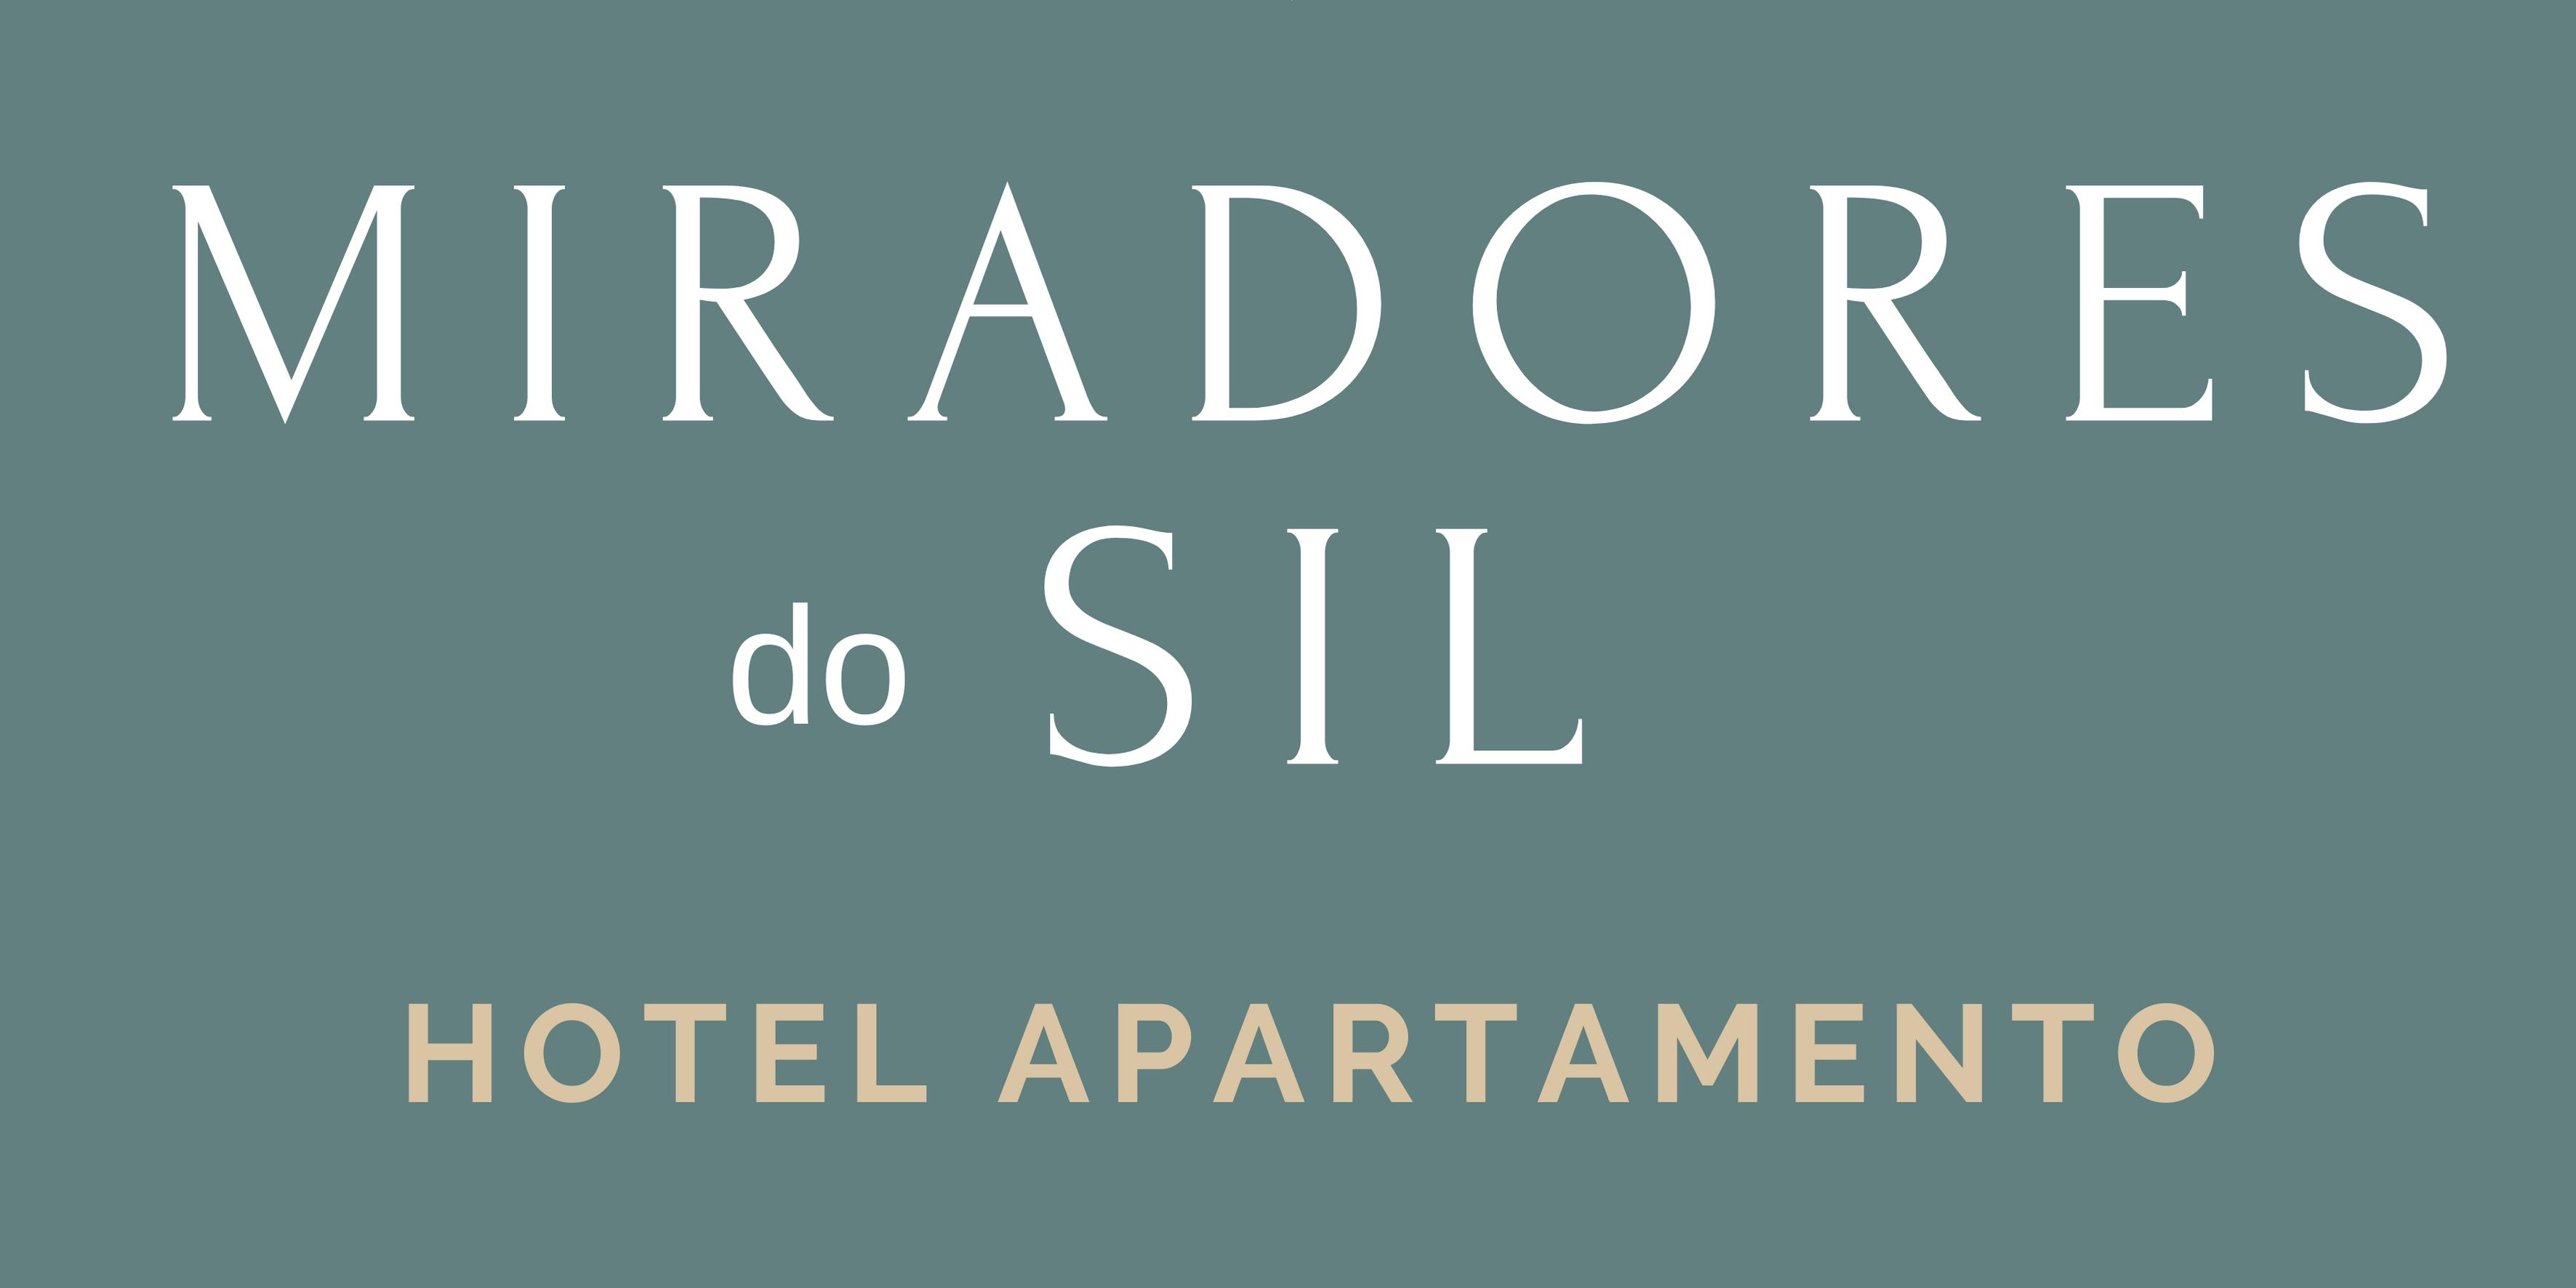 Miradores do Sil Hotel Apartamento